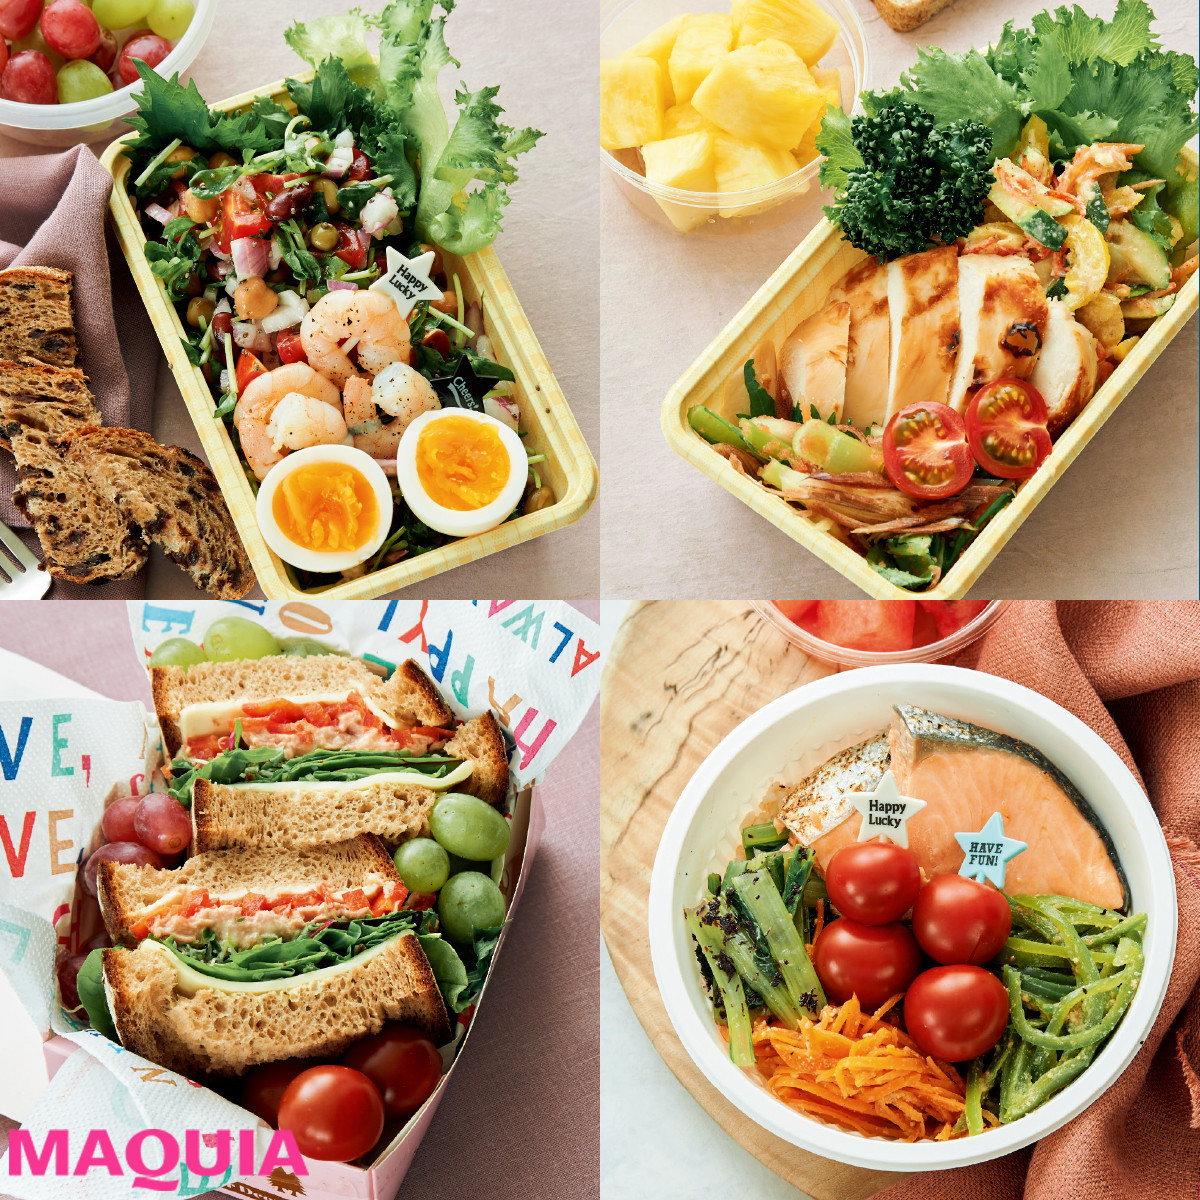 【ダイエットにもおすすめの食事やメニューは? Atsushi流レシピ】_】肌ダメージは食べて回復! 夏野菜たっぷりの美肌ランチレシピ5品